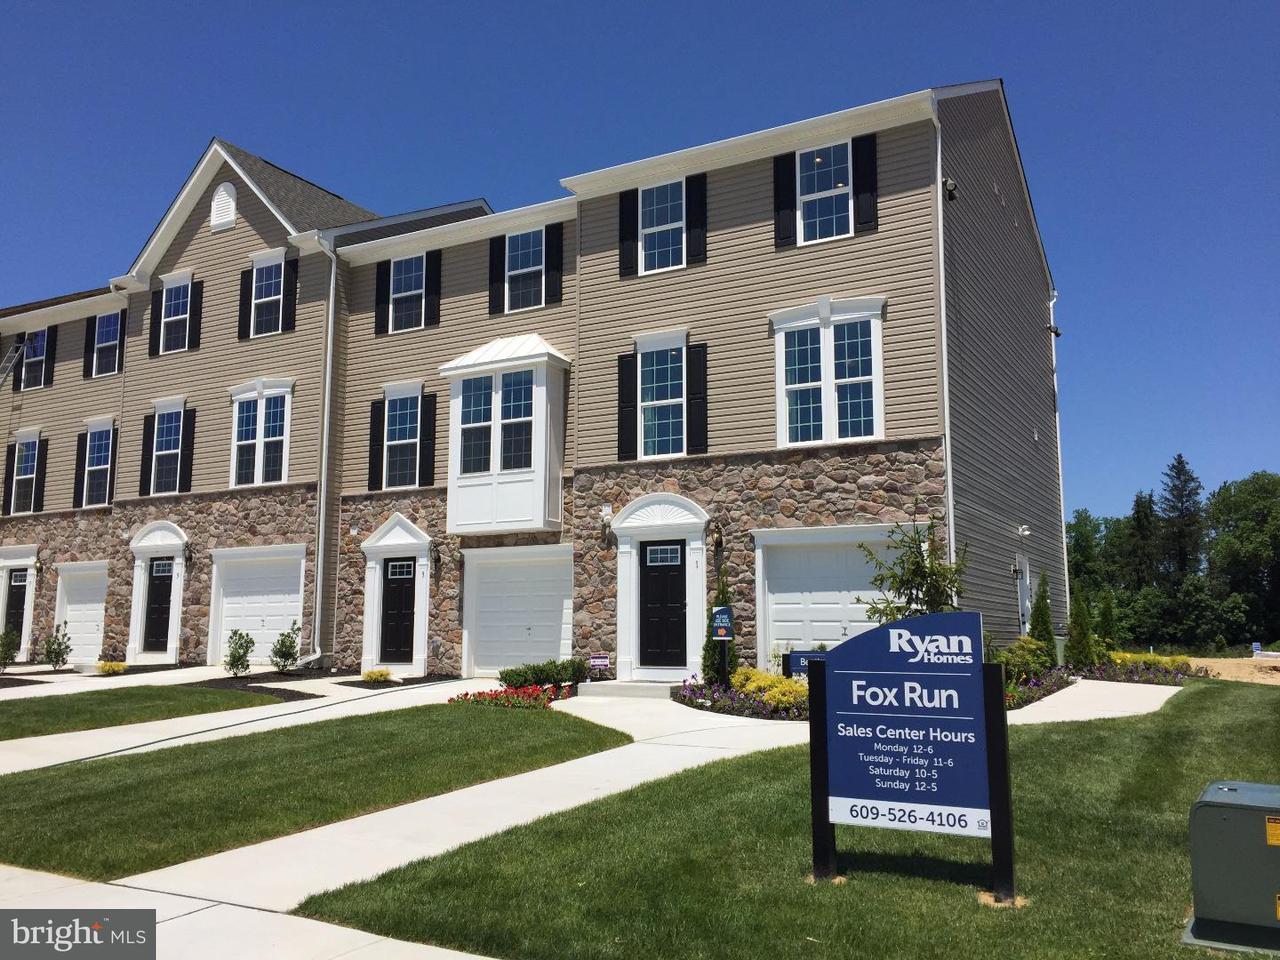 Casa unifamiliar adosada (Townhouse) por un Venta en 96 BENFORD Lane Edgewater Park, Nueva Jersey 08010 Estados Unidos